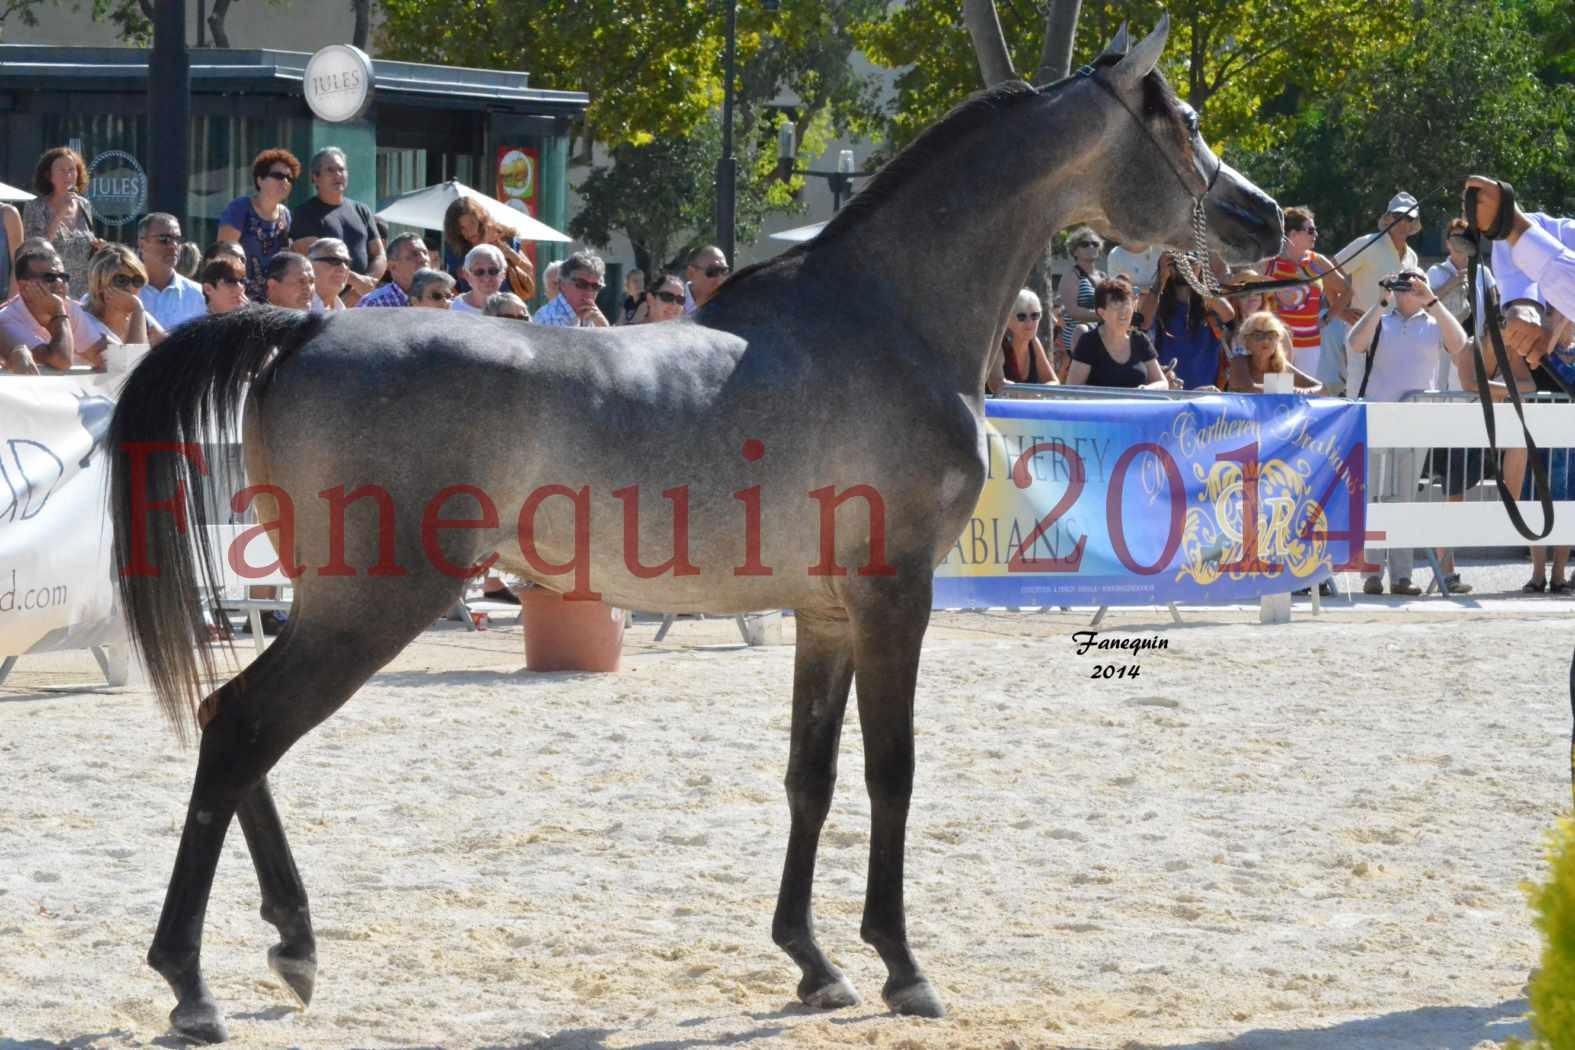 Concours National de Nîmes de chevaux ARABES 2014 - Notre Sélection - JOSEPH'S BOUZIOLS - 12